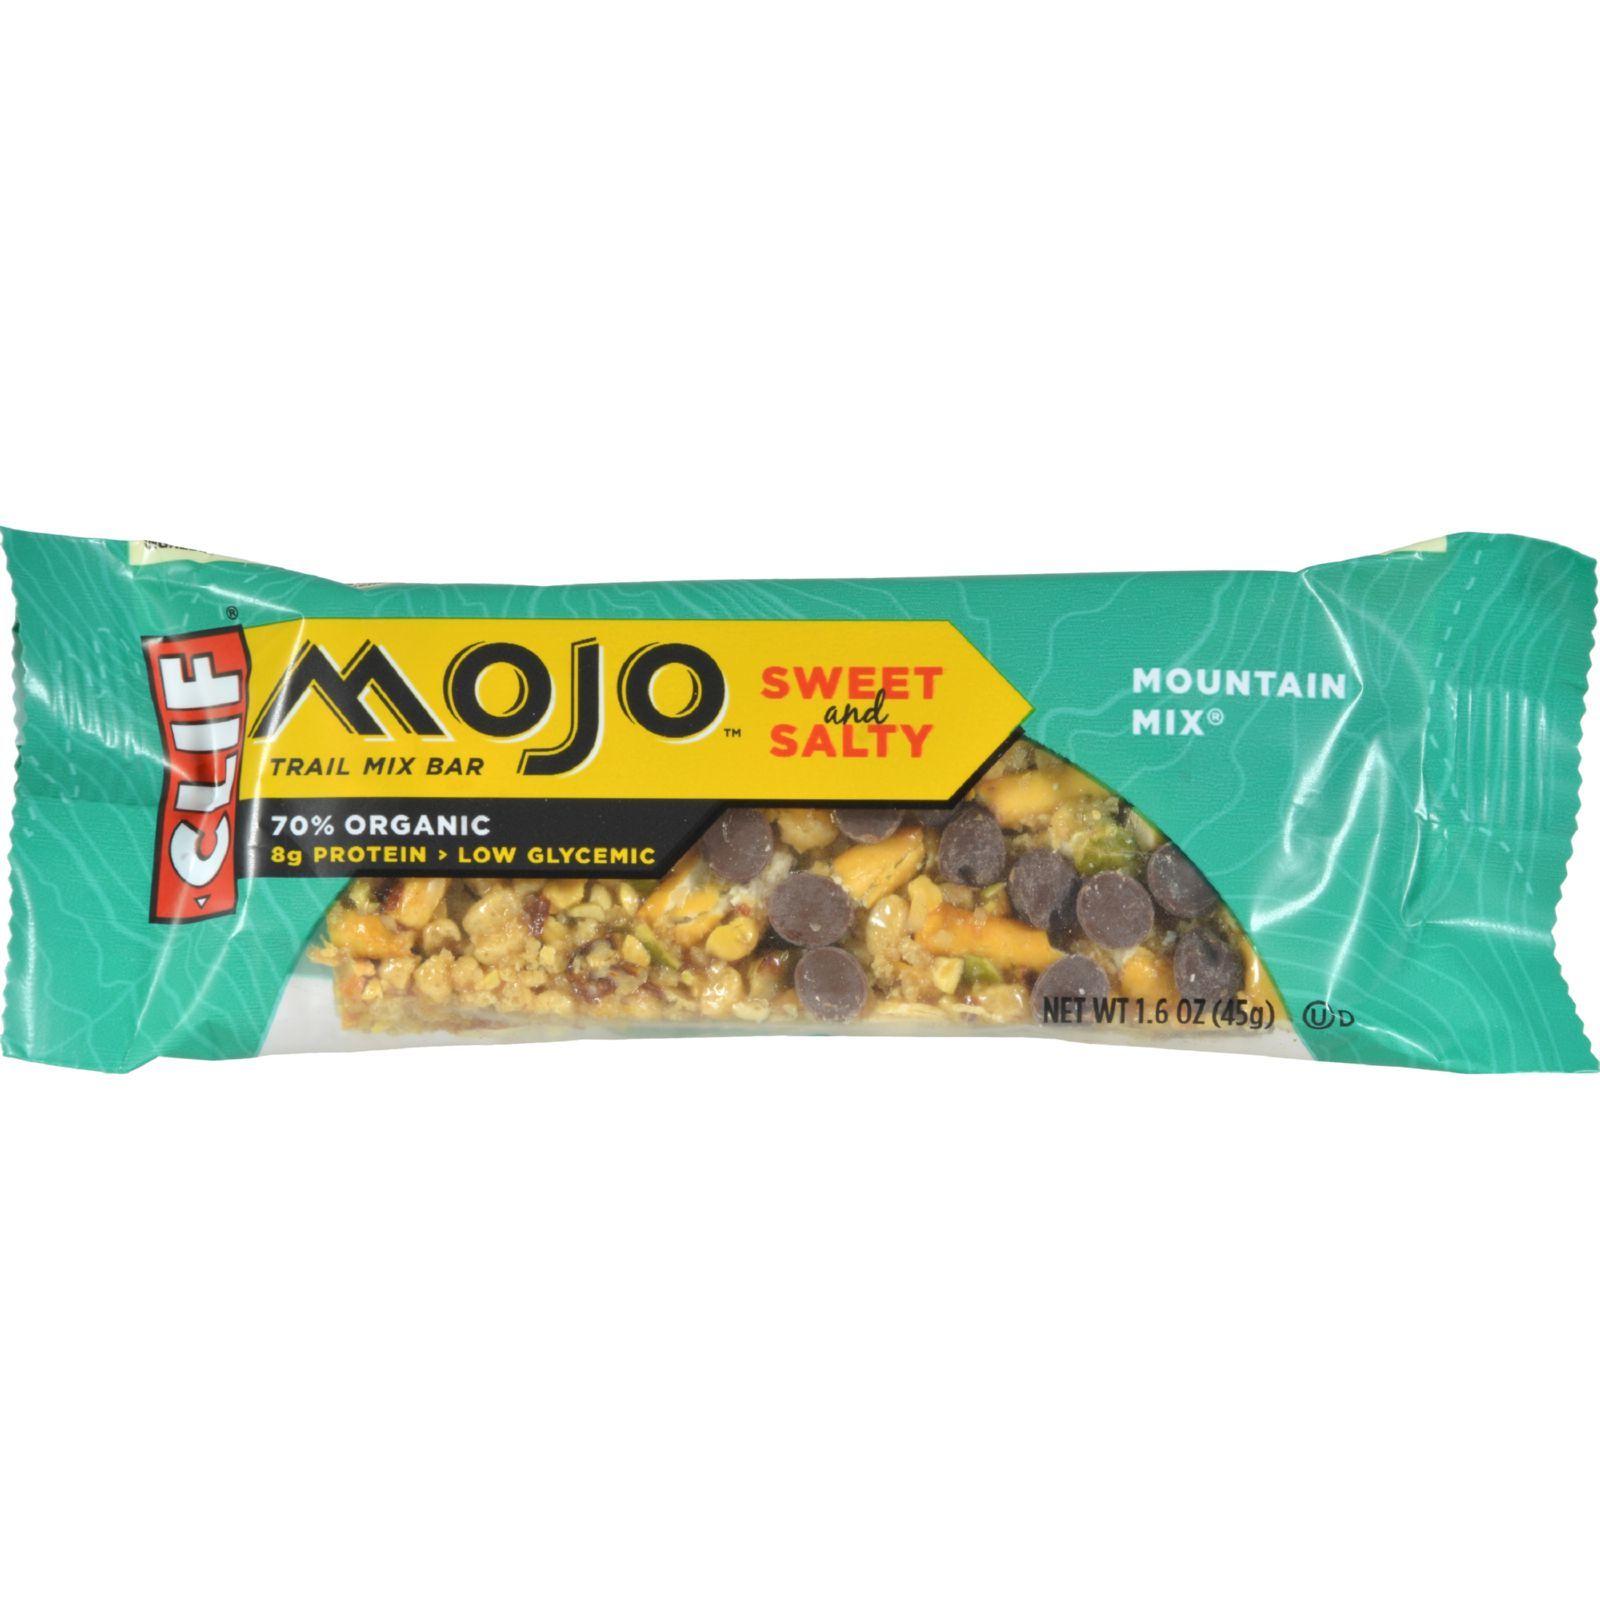 Clif Bar Mojo Bar - Organic Mountain Mix - Case of 12 - 1.59 oz